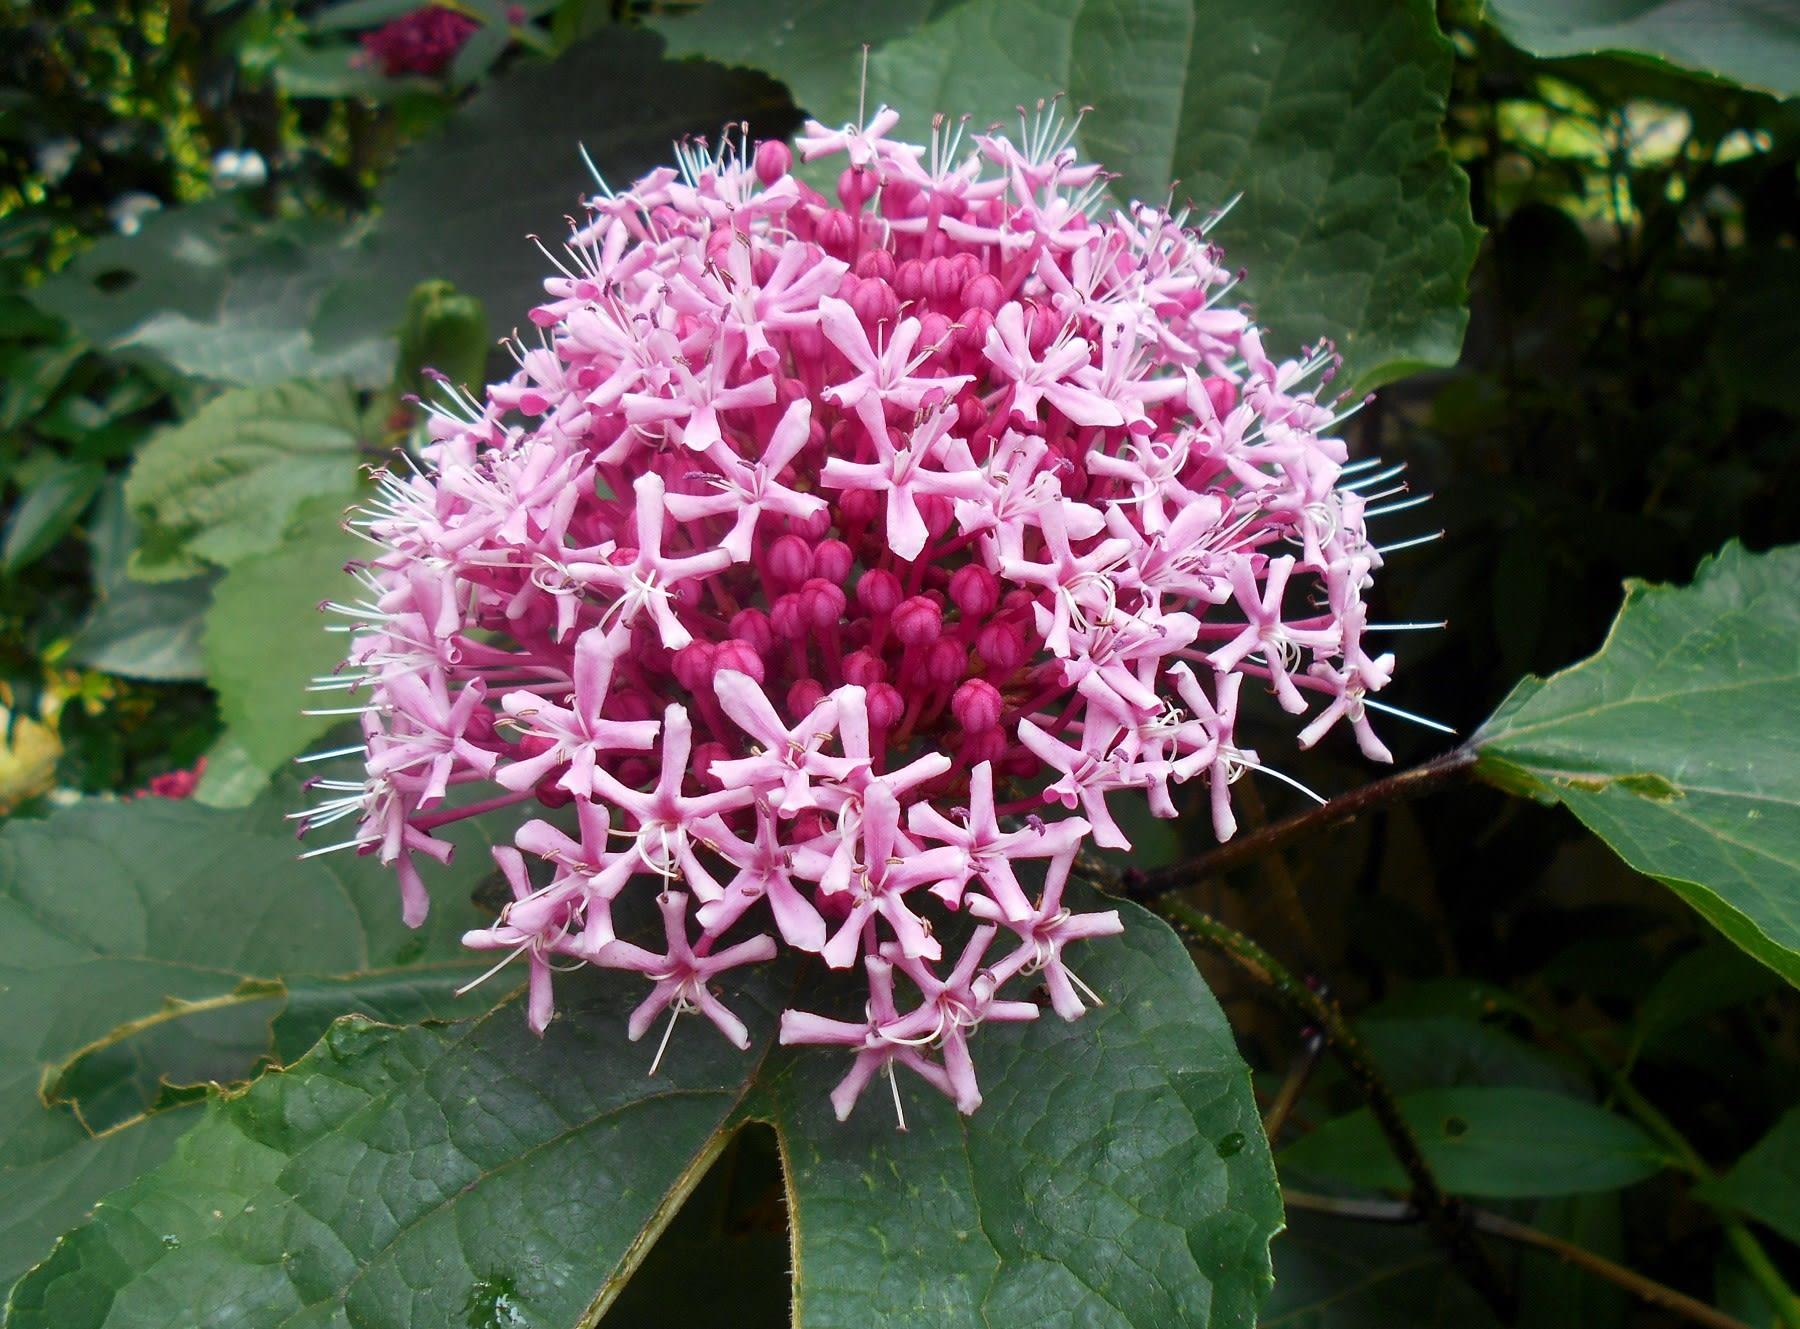 7月庭の花など 花物風景